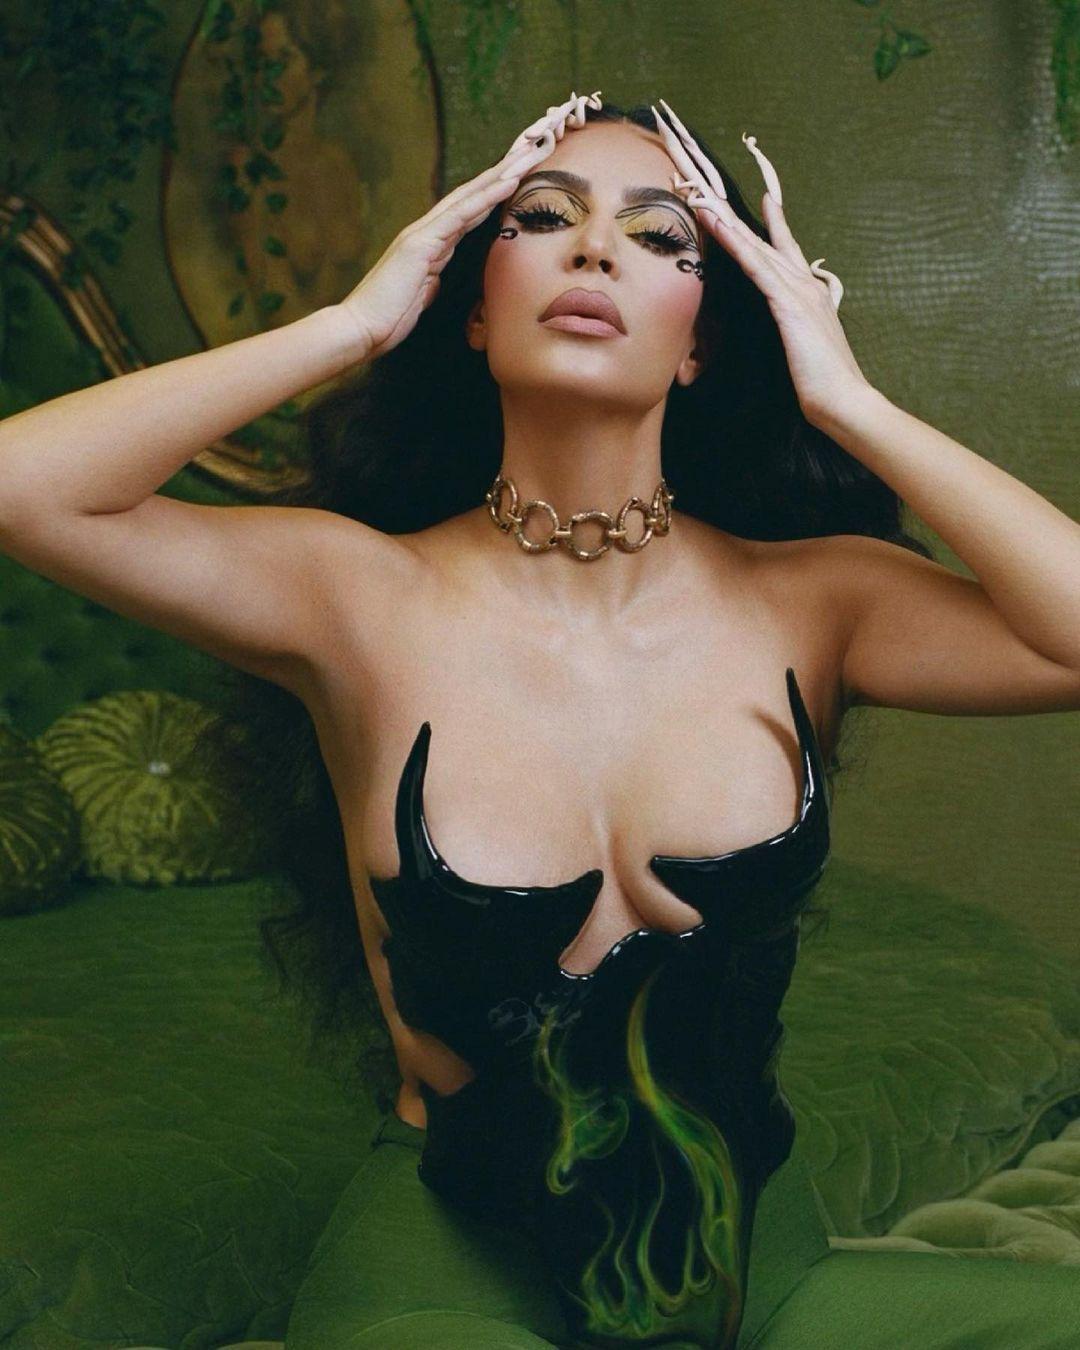 Dünyaca ünlü şov yıldızı Kim Kardashian öyle bir korse giydi ki… - Sayfa 3